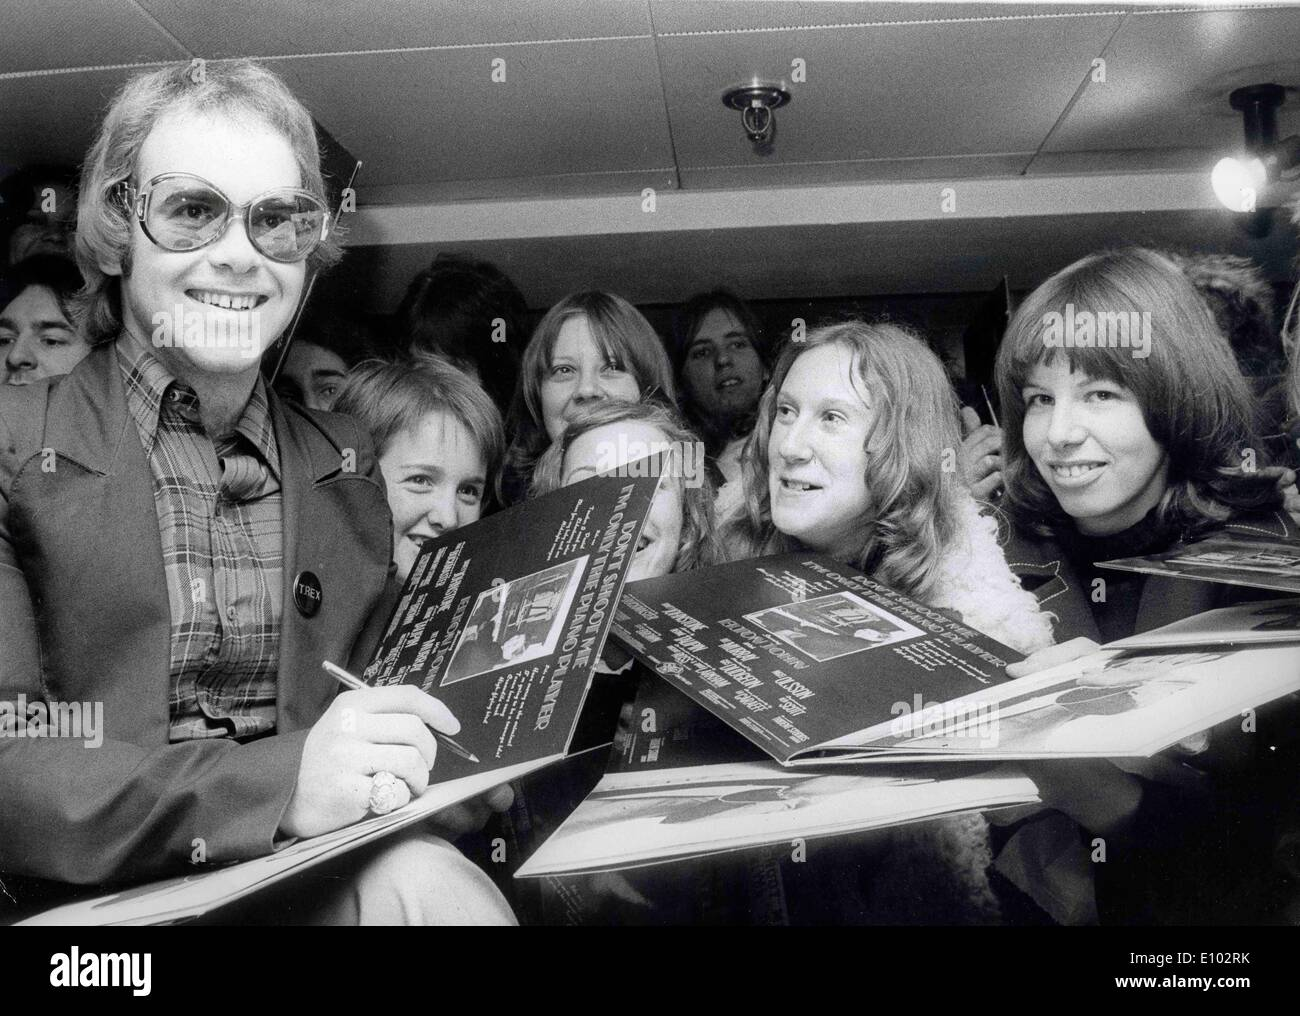 Un giovane di ELTON JOHN autografi gli album per i tifosi. Immagini Stock